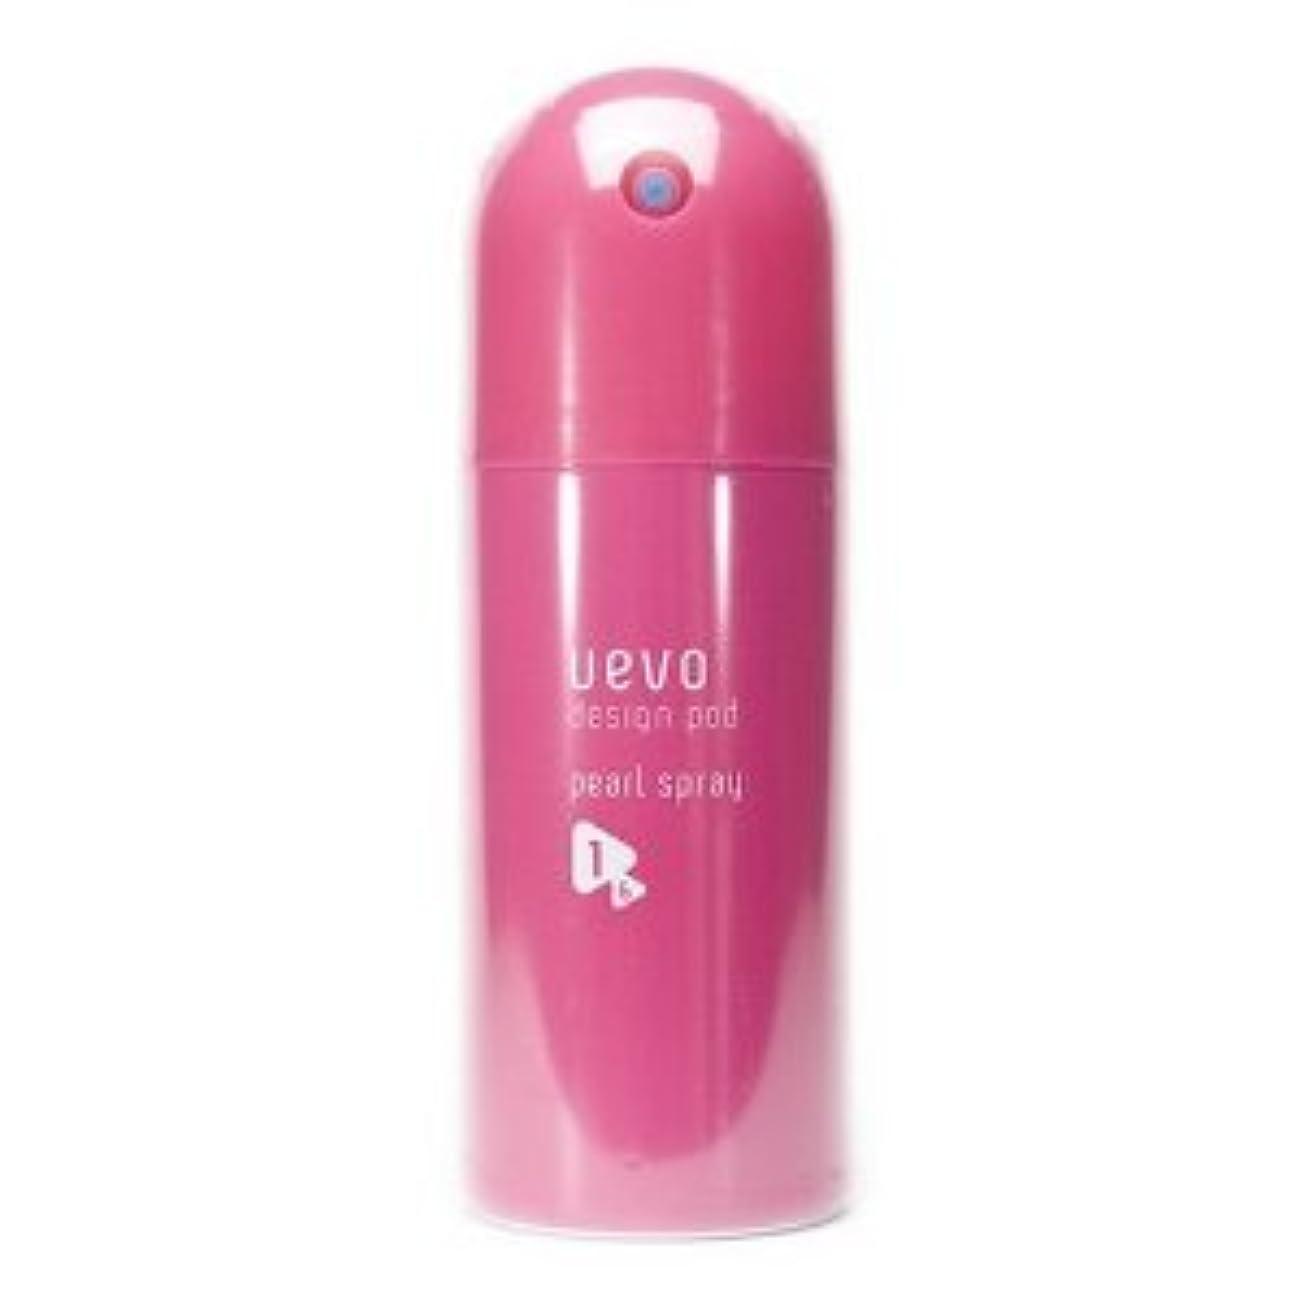 【X2個セット】 デミ ウェーボ デザインポッド パールスプレー 220ml pearl spray